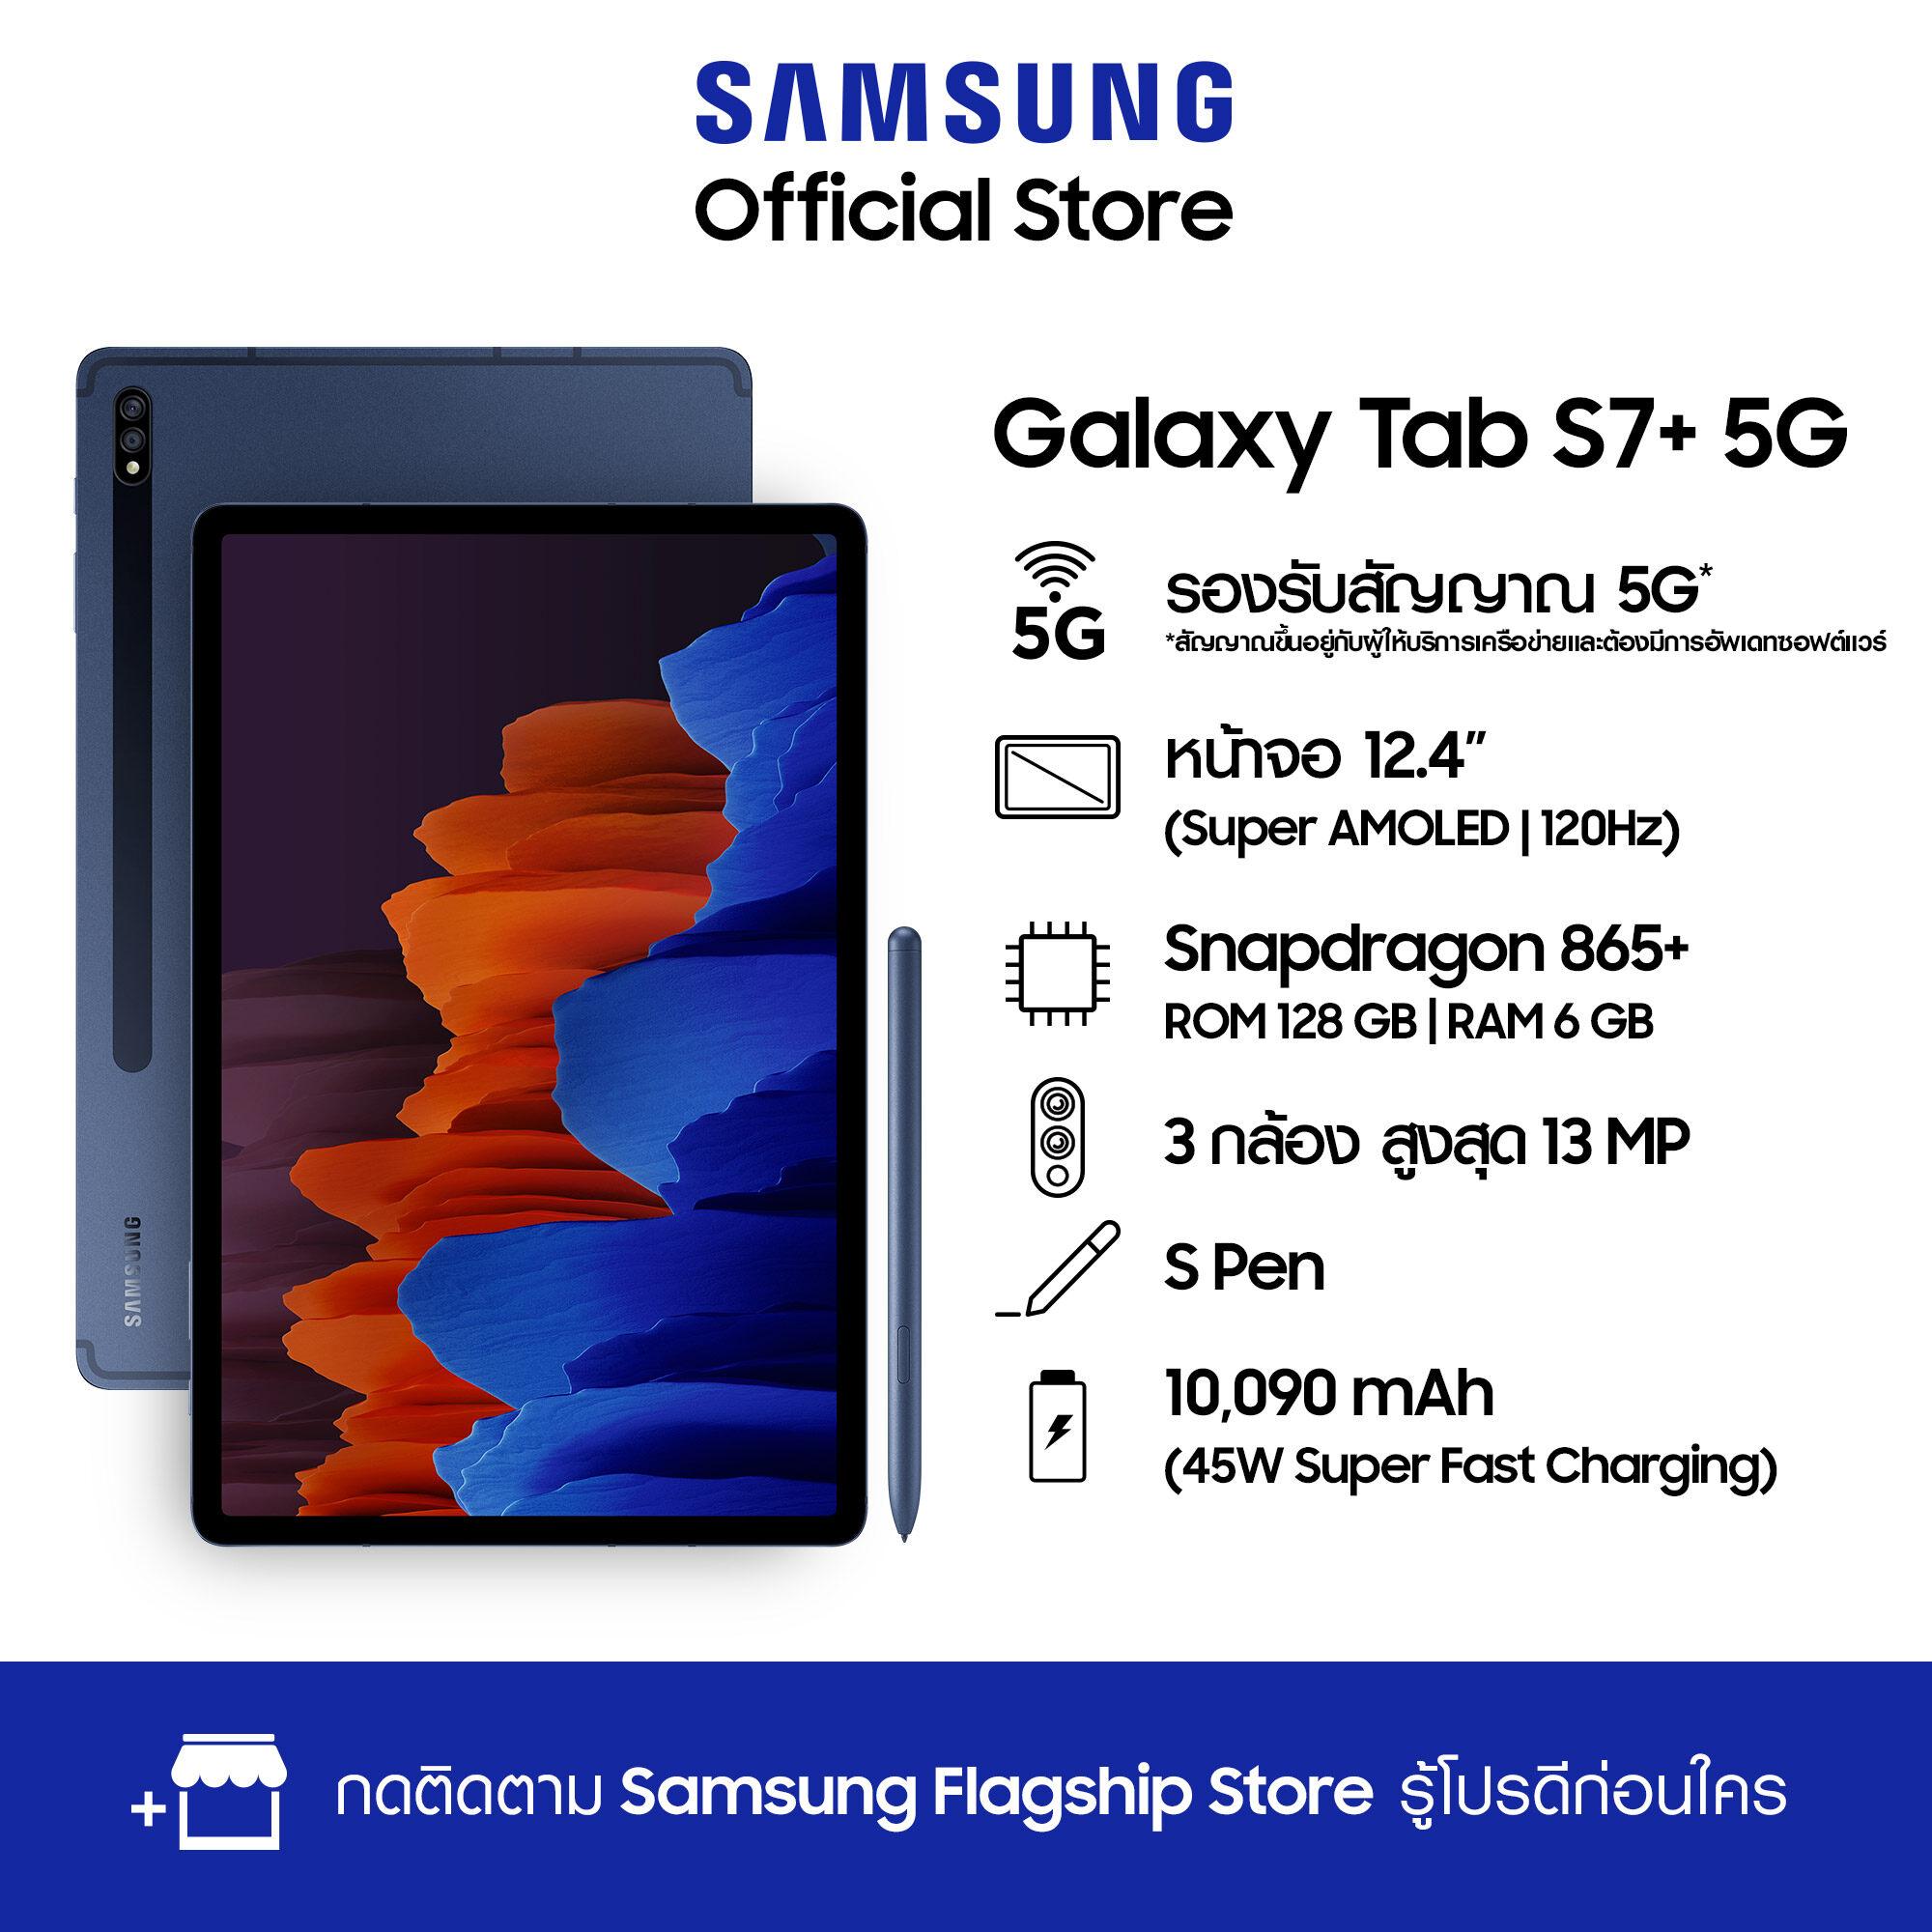 Samsung Galaxy Tab S7+ (5G) 6/128 GB - Mystic Navy [สำหรับเกม ONEDERFUL WALLET เท่านั้น]